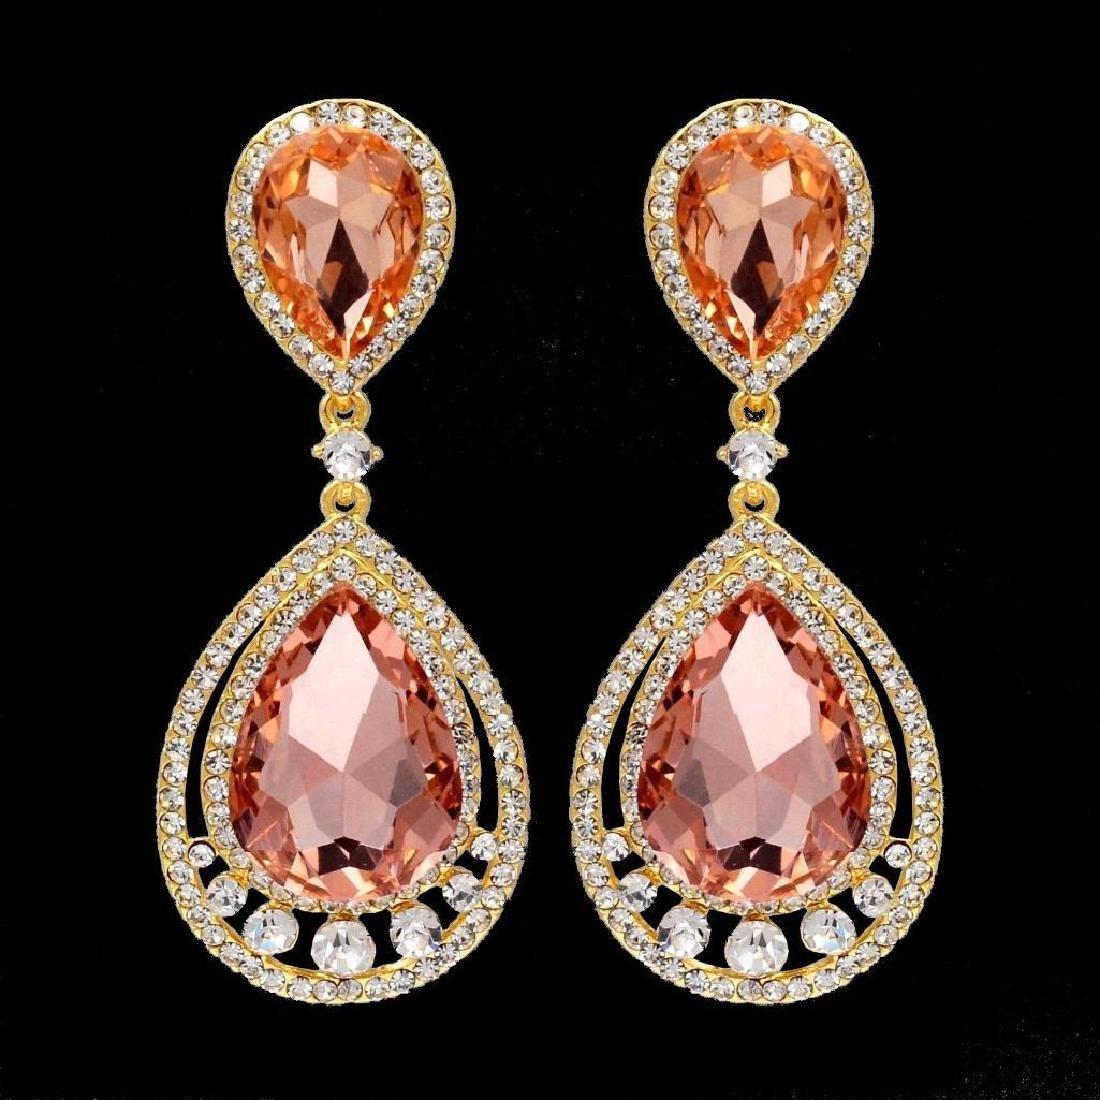 18k Gold Plated Gp Peach Crystal Rhinestone Wedding